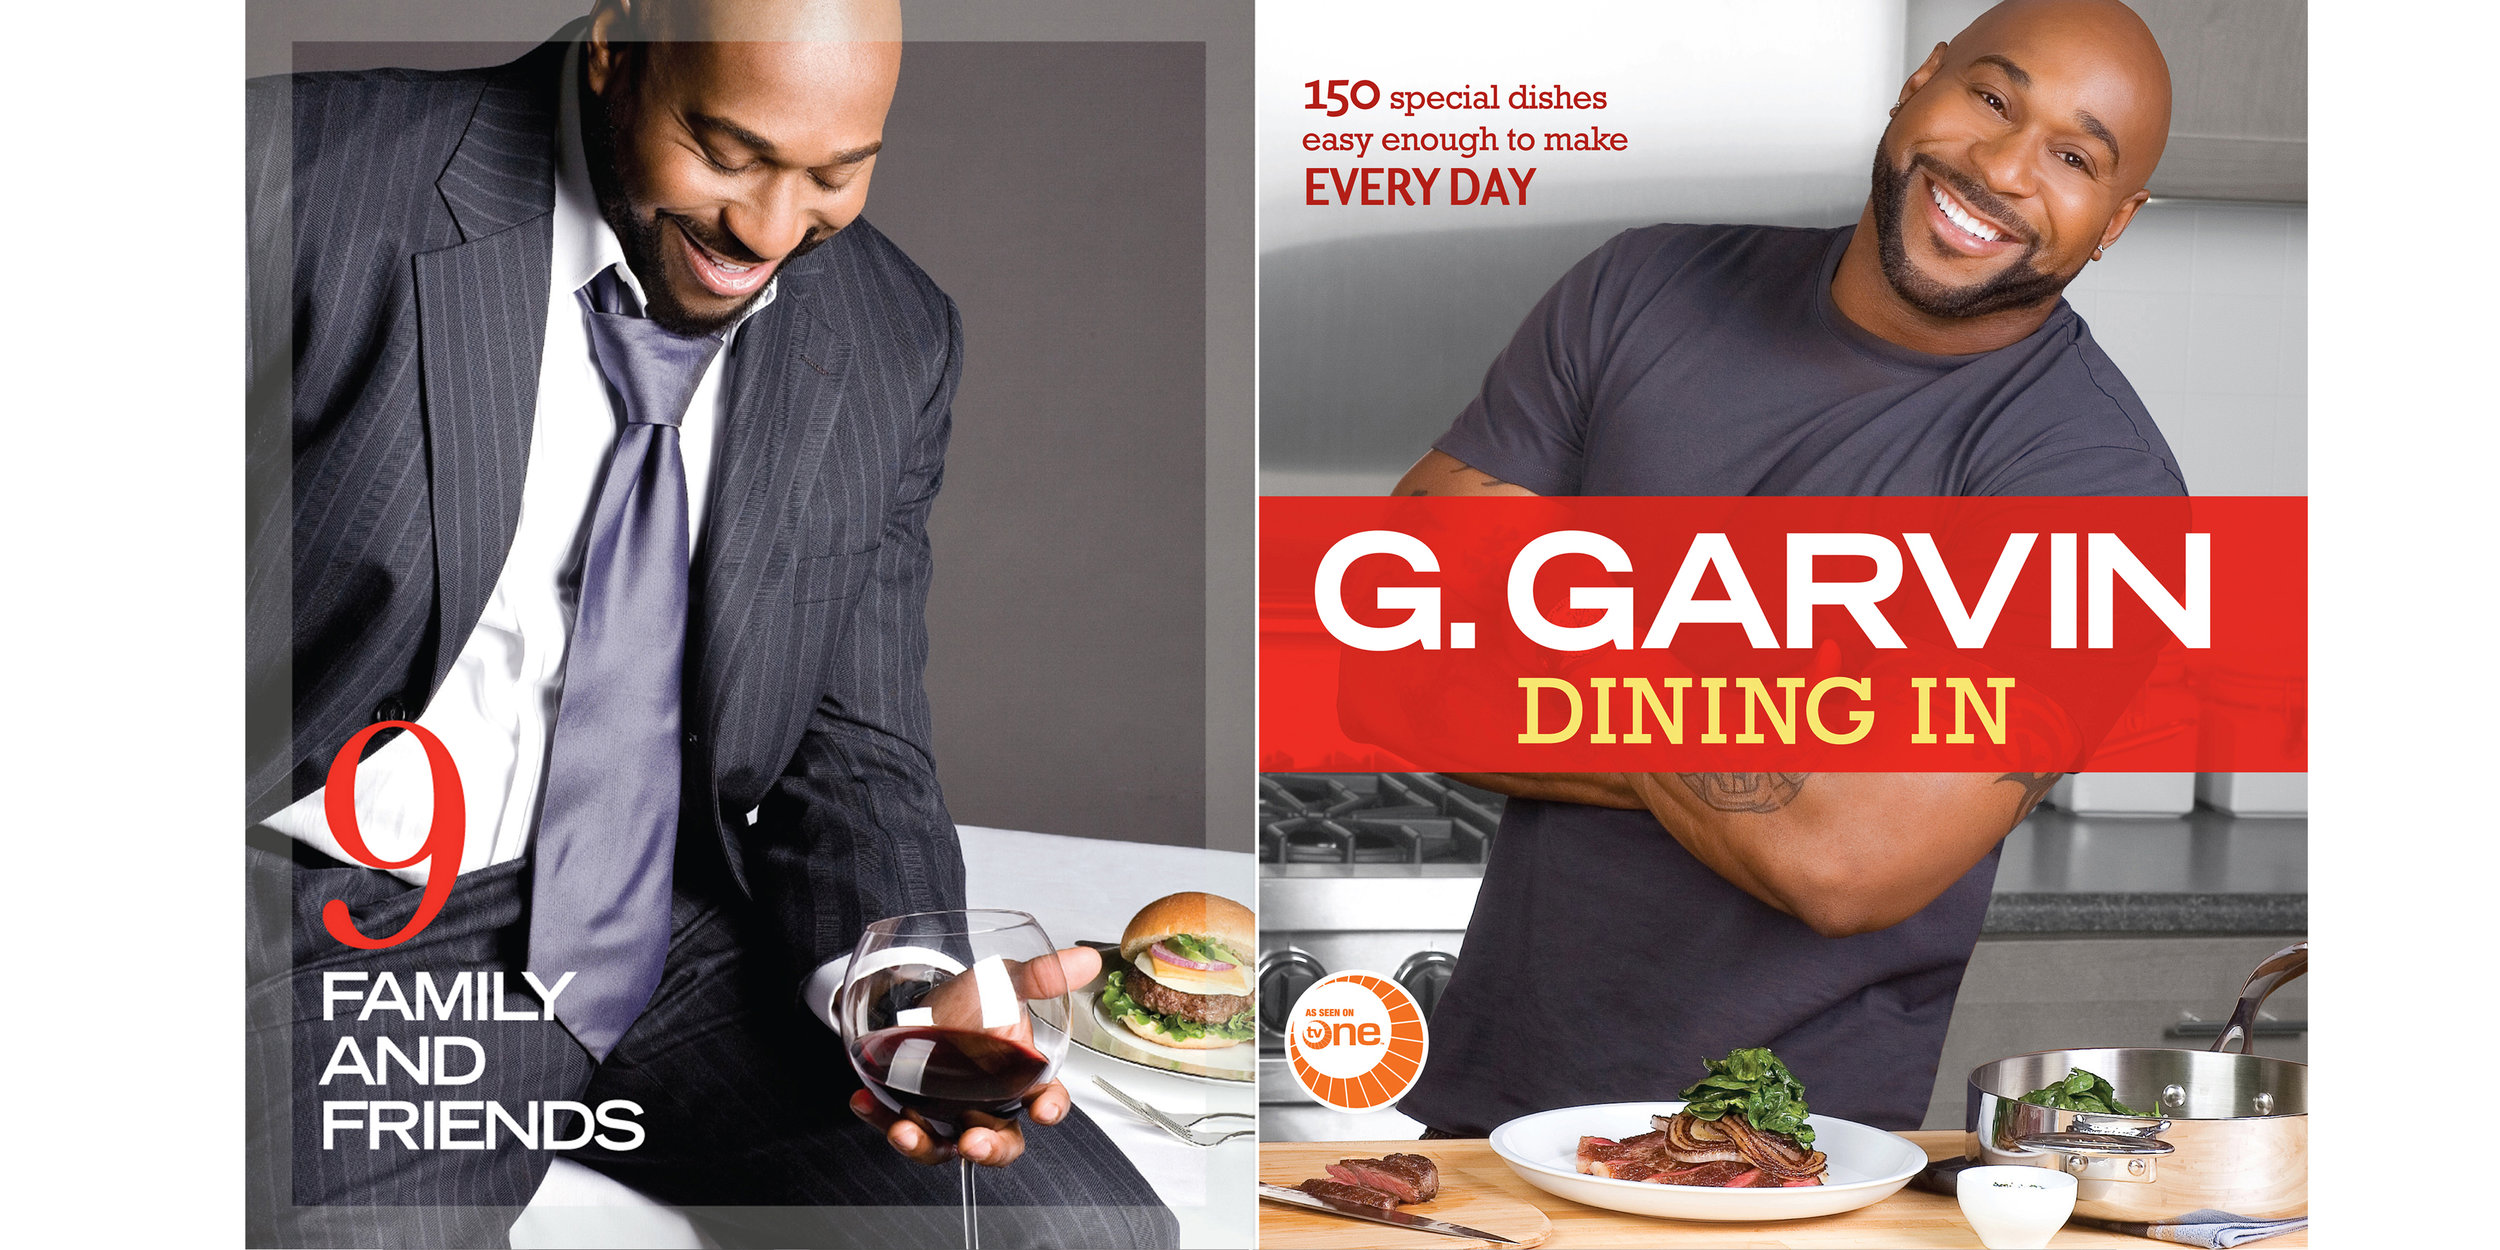 ggarvin1.jpg